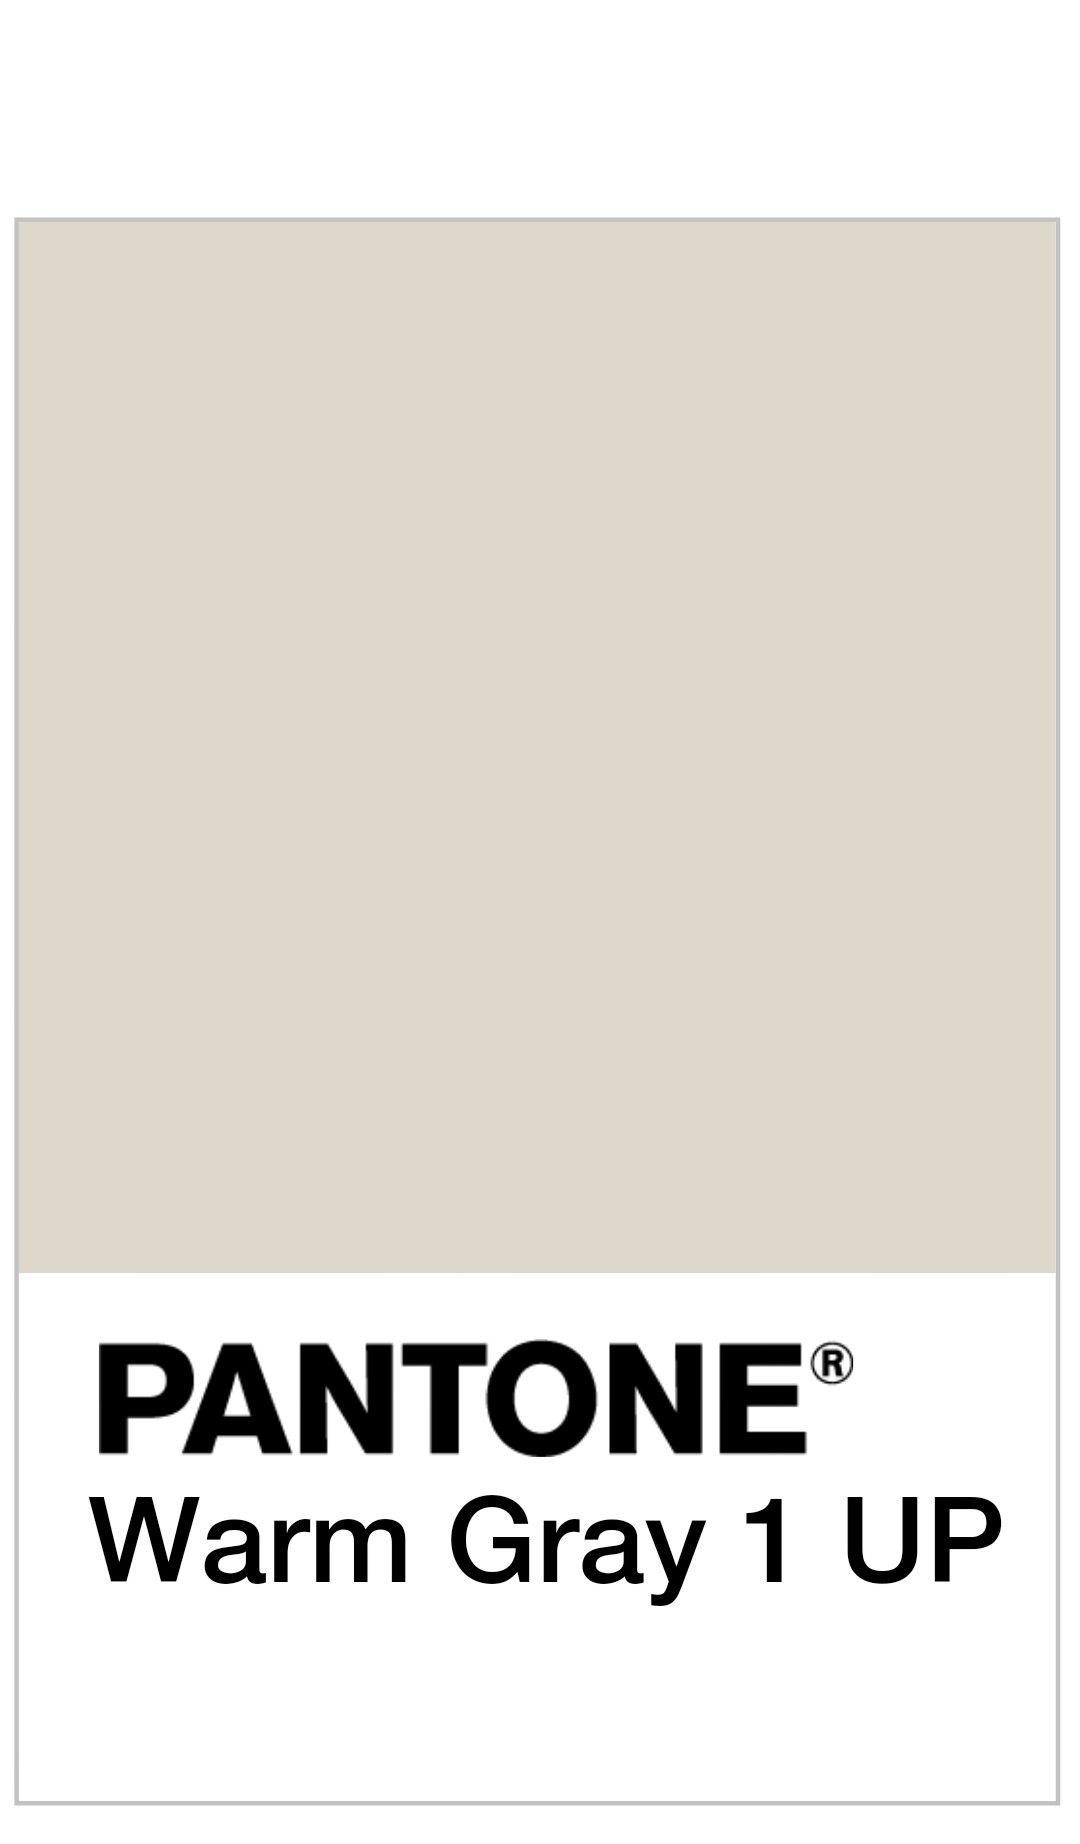 pantone warm gray cores 7513c t mobile magenta color